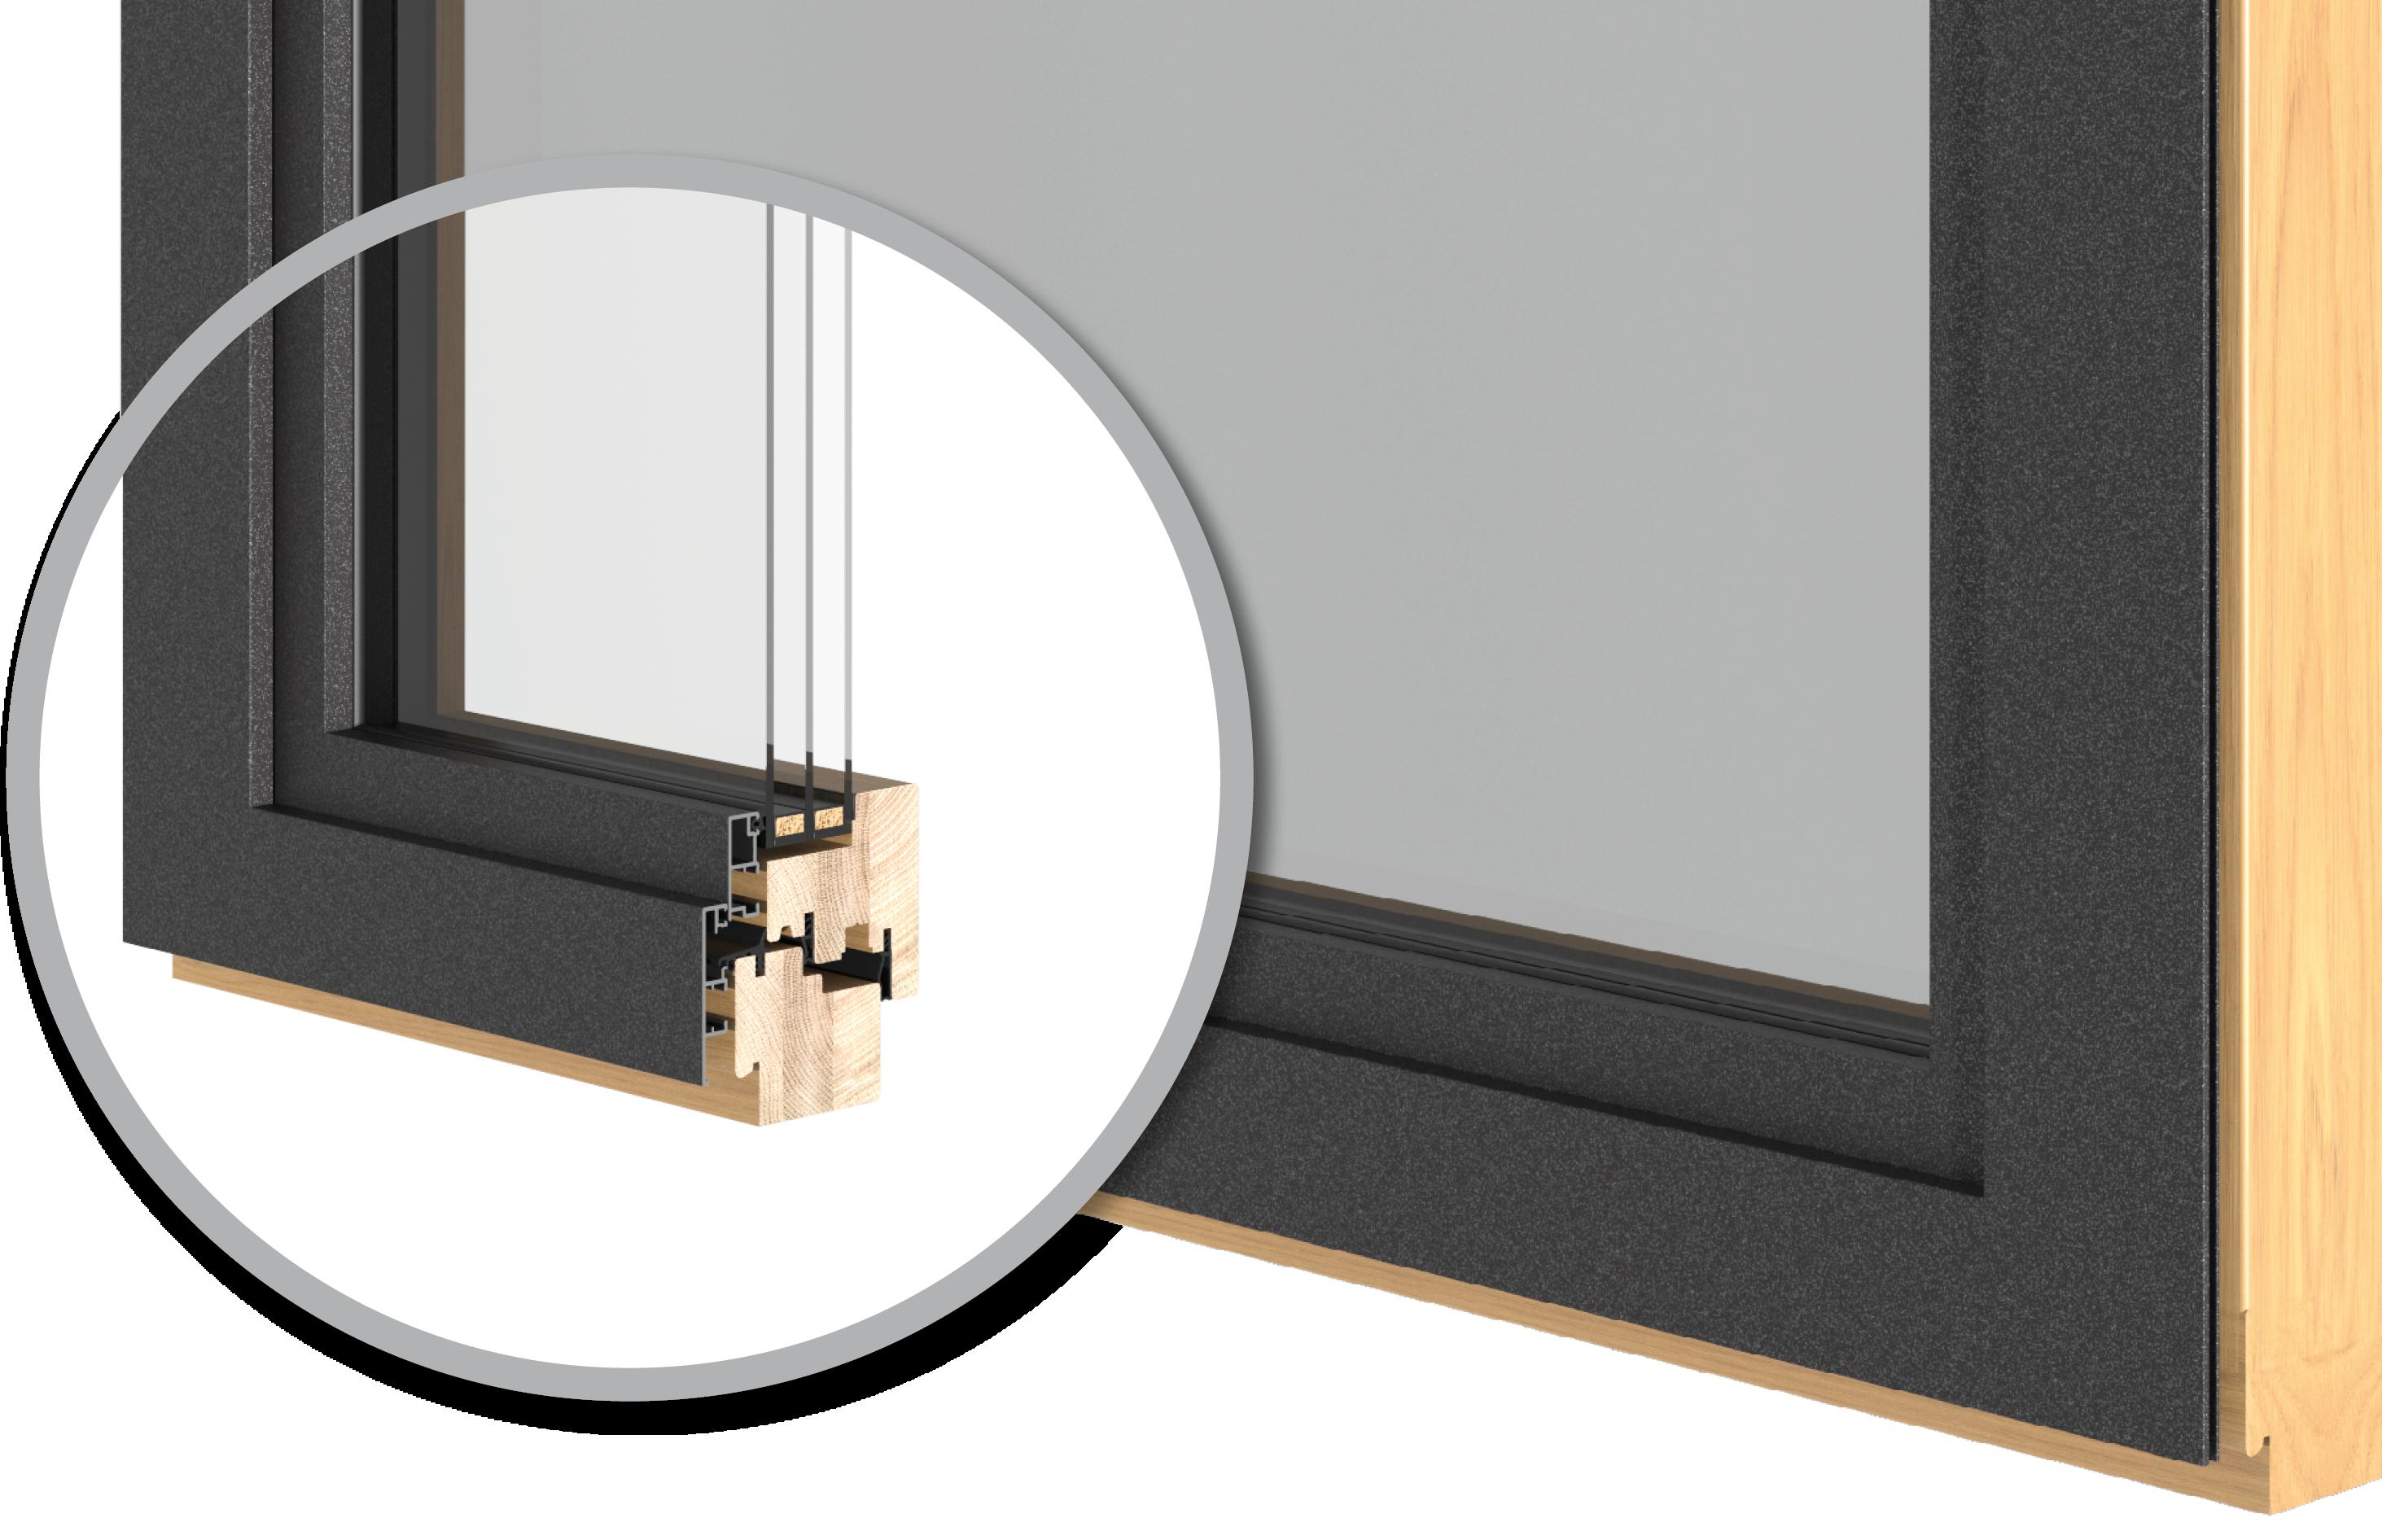 Full Size of Holz Alu Fenster Fliesen In Holzoptik Bad Esstisch Massivholz Drutex Test Absturzsicherung Mit Lüftung Esstische Sicherheitsfolie Rundes Ebay Austauschen Fenster Holz Alu Fenster